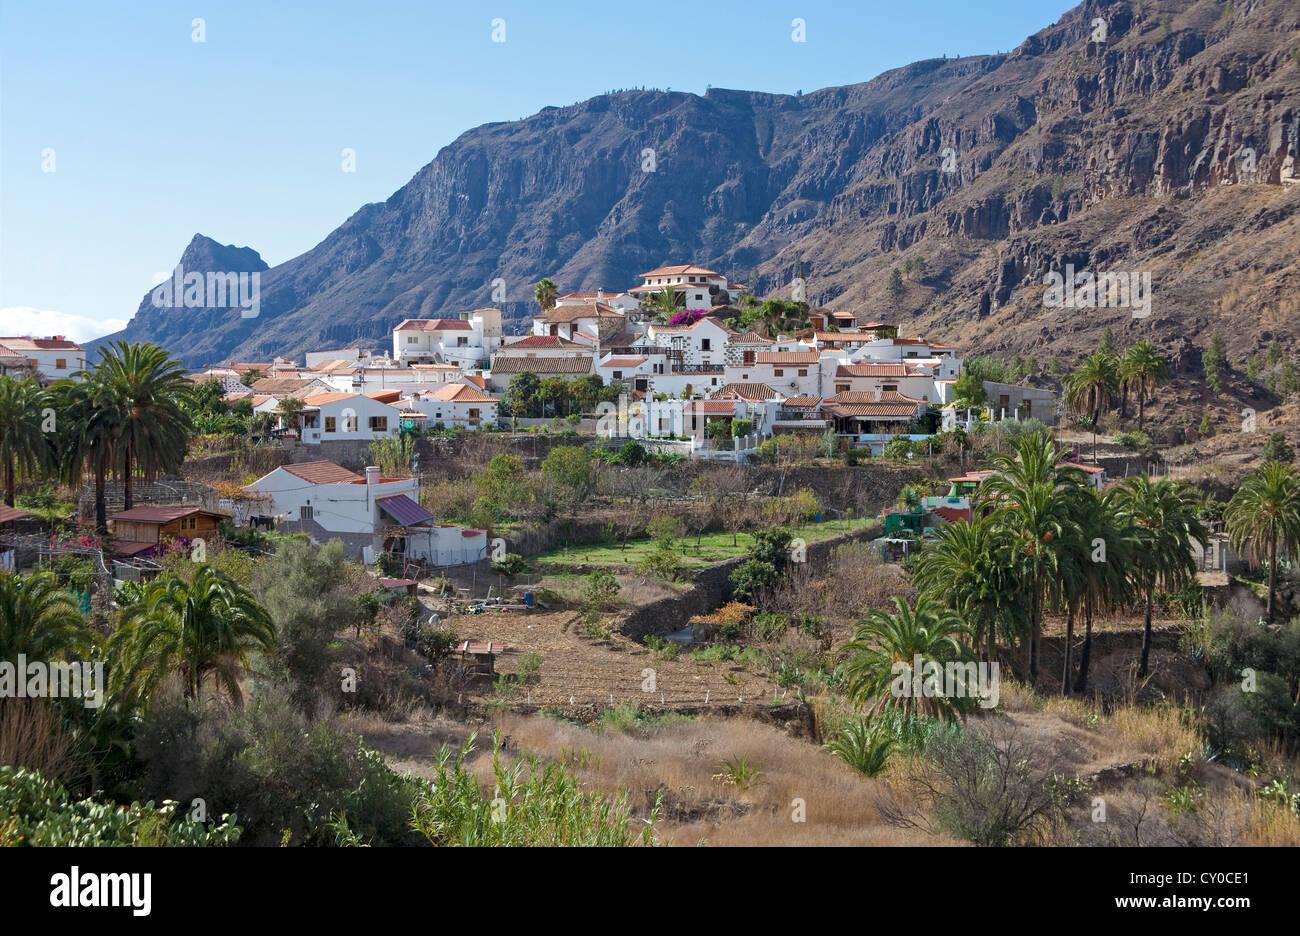 Das kleine Dorf Fataga, Gran Canaria, Kanarische Inseln, Spanien, Europa Stockbild